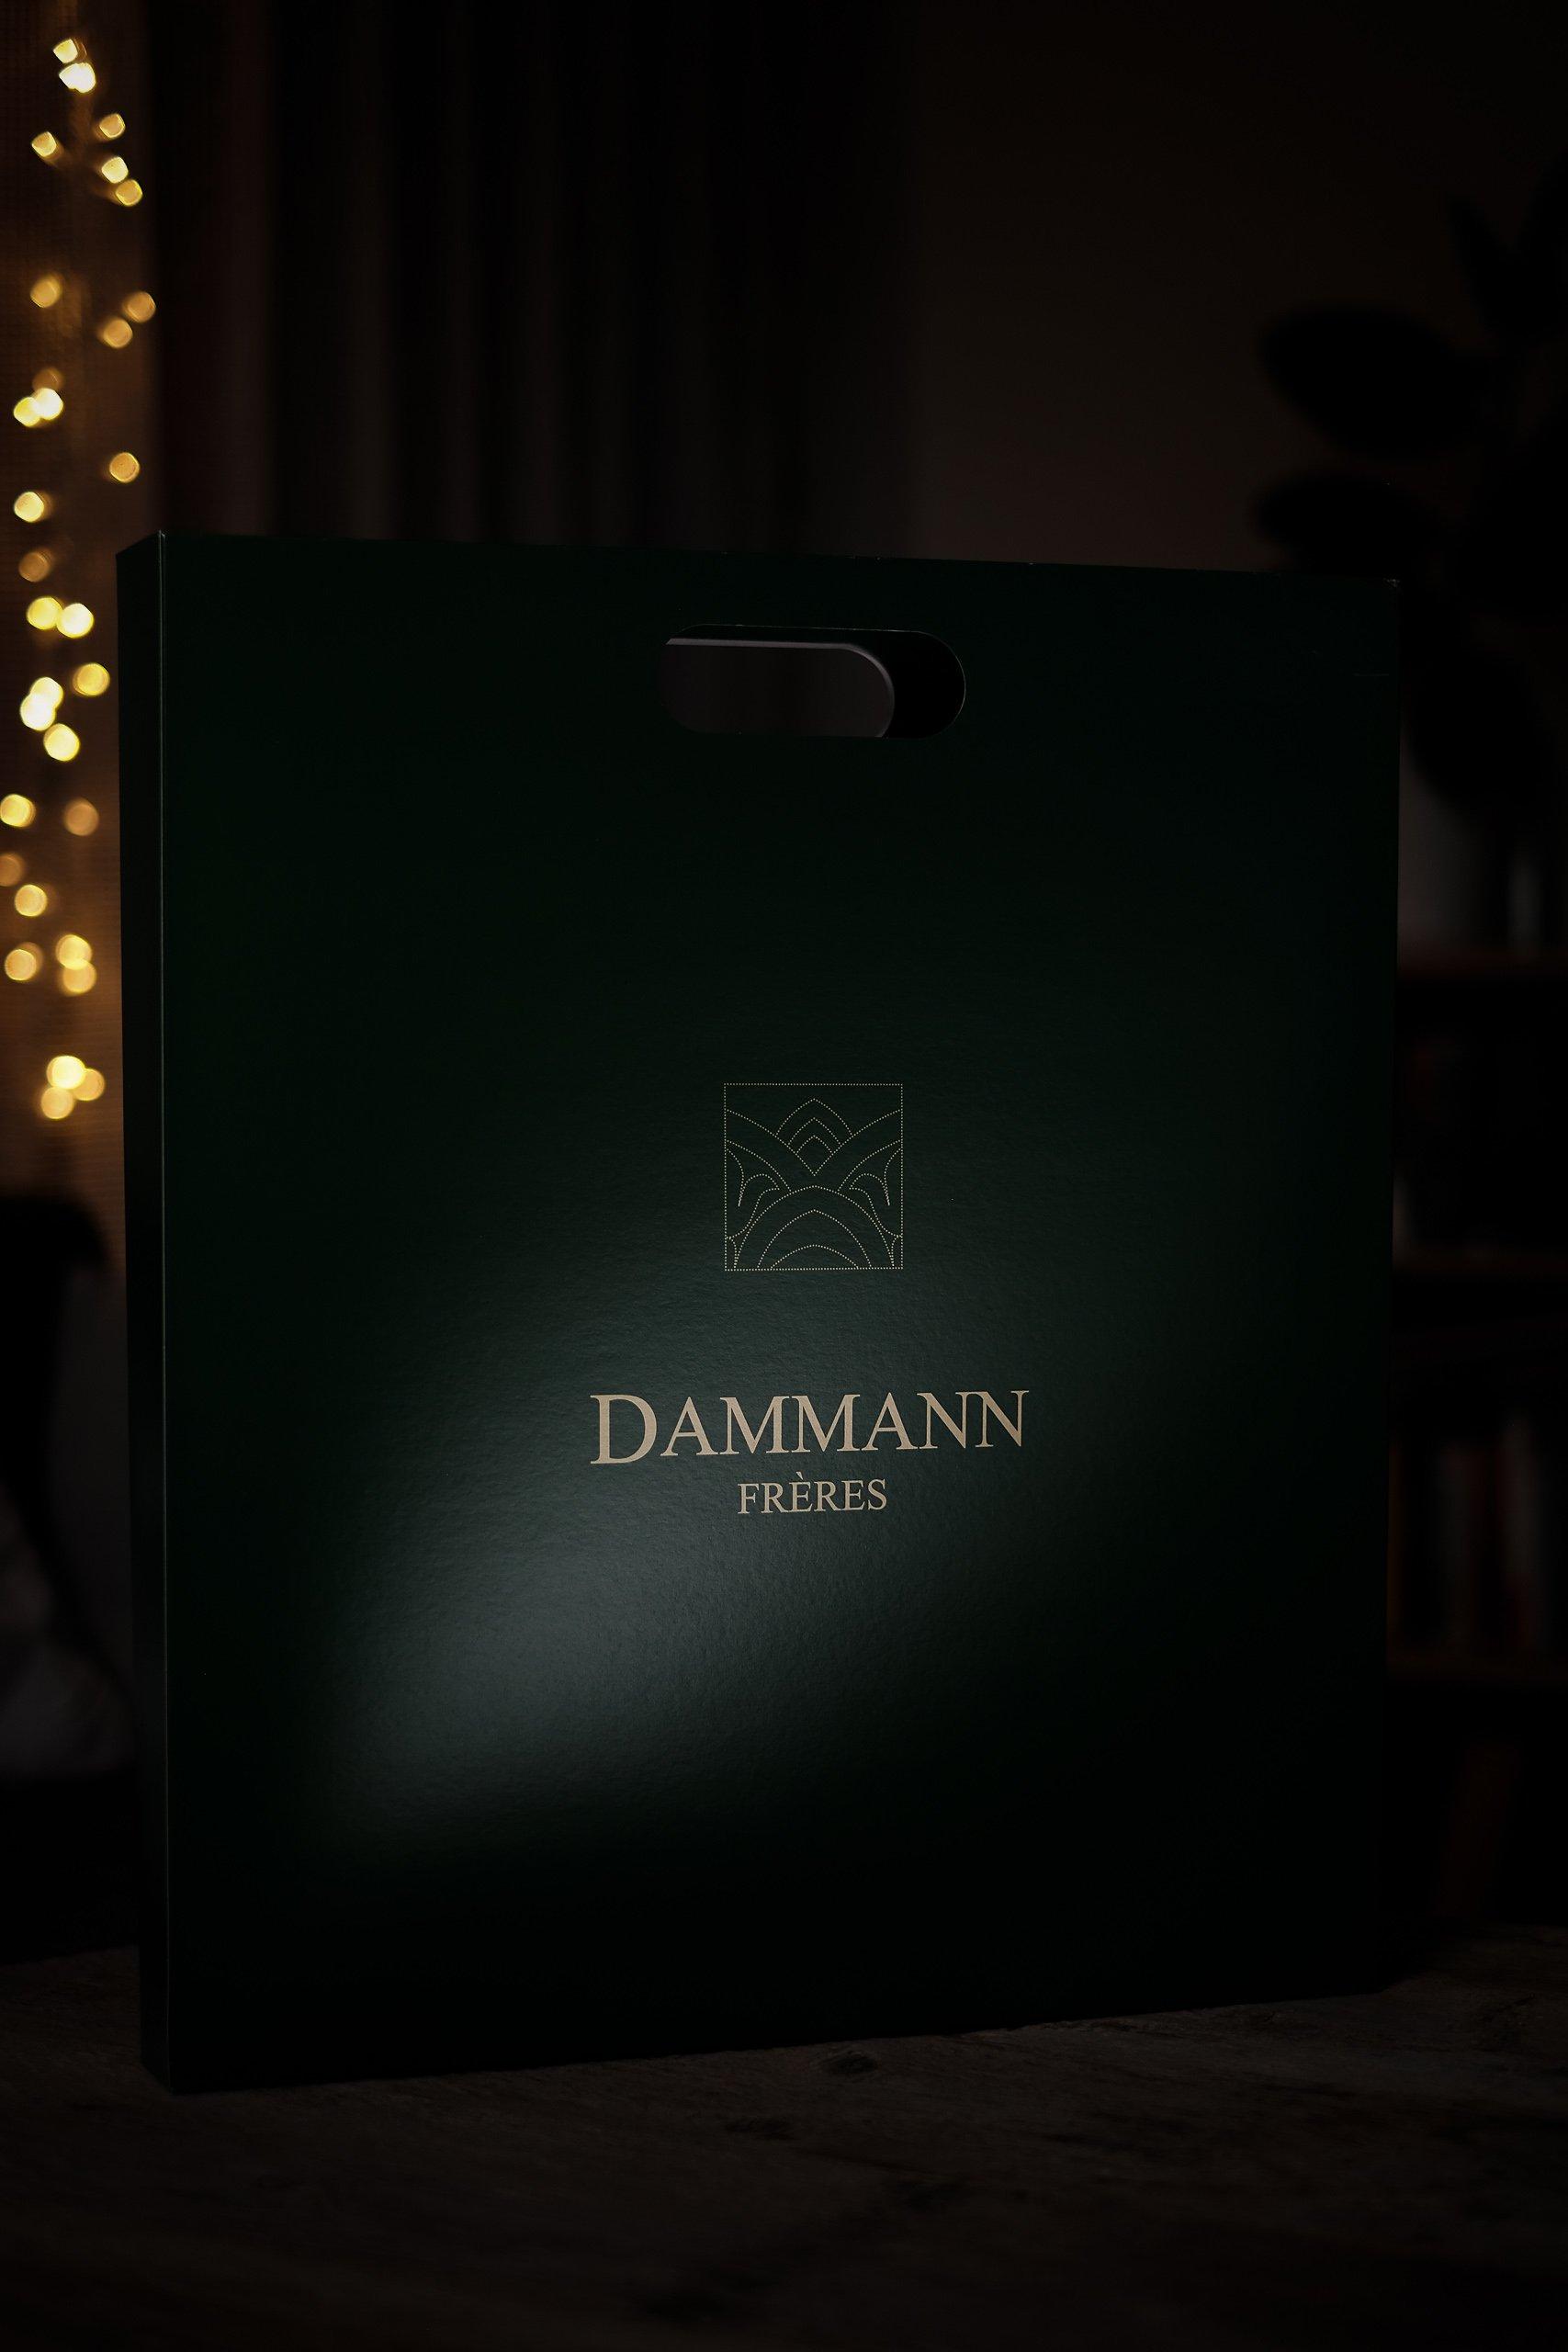 Pour Noël, calendrier de l'Avent Dammann Frères